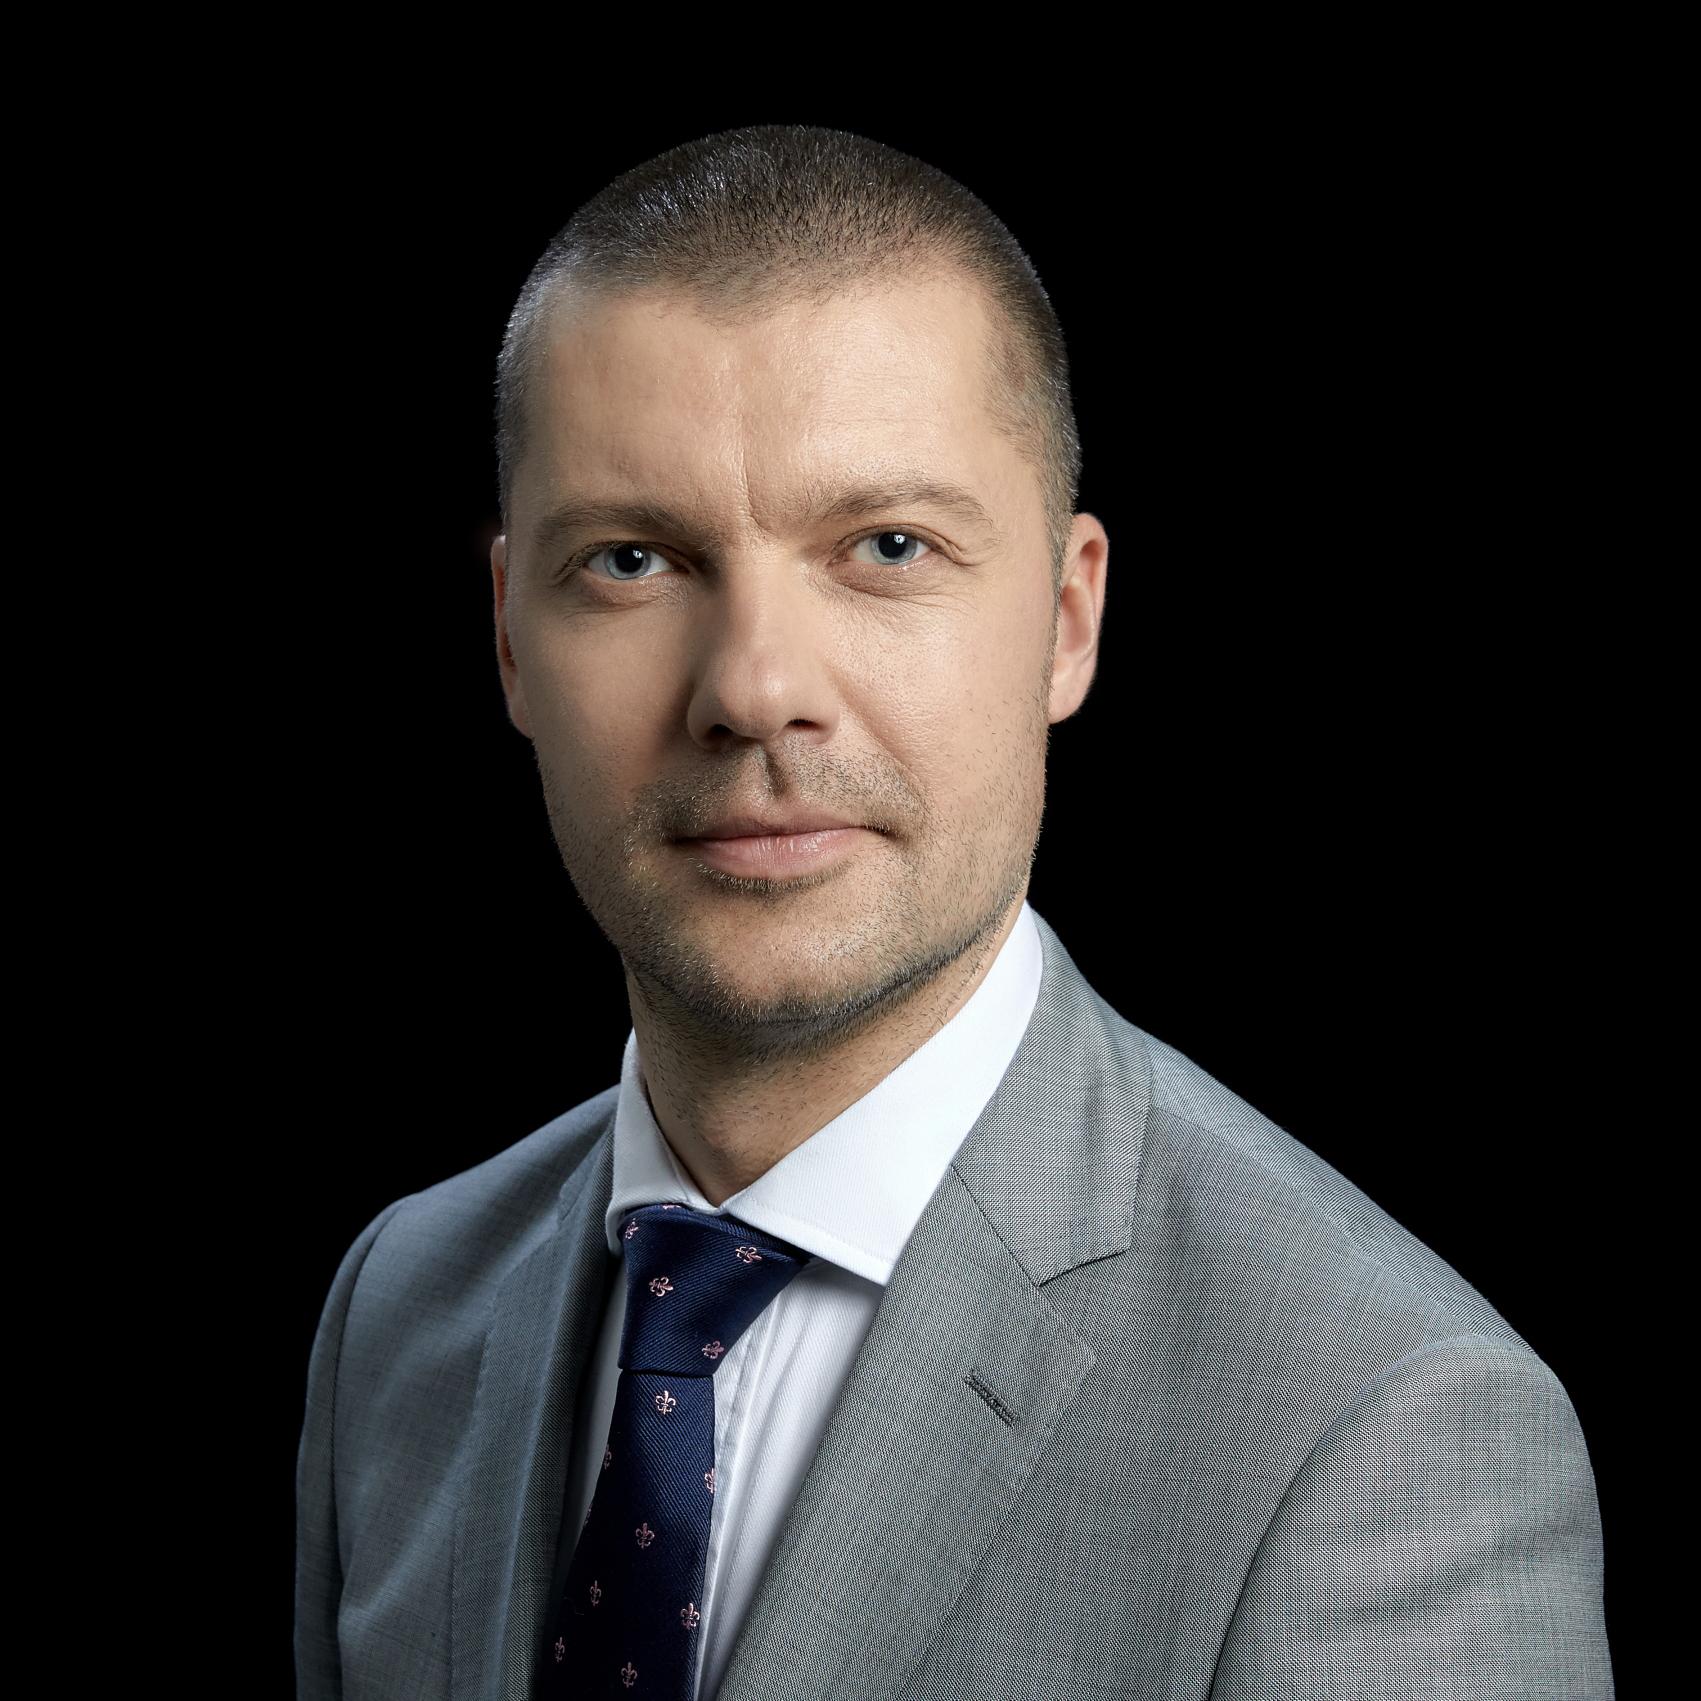 Edgars Briedis